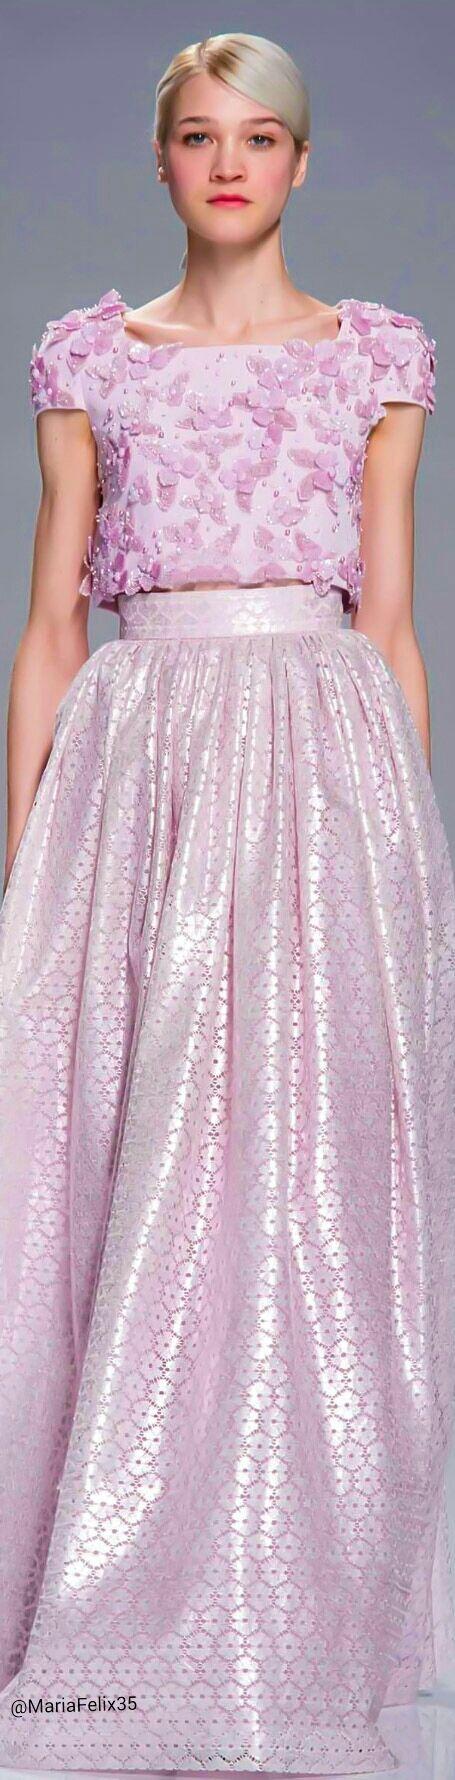 Atractivo Satinado Vestido De Dama De Color Púrpura Componente ...